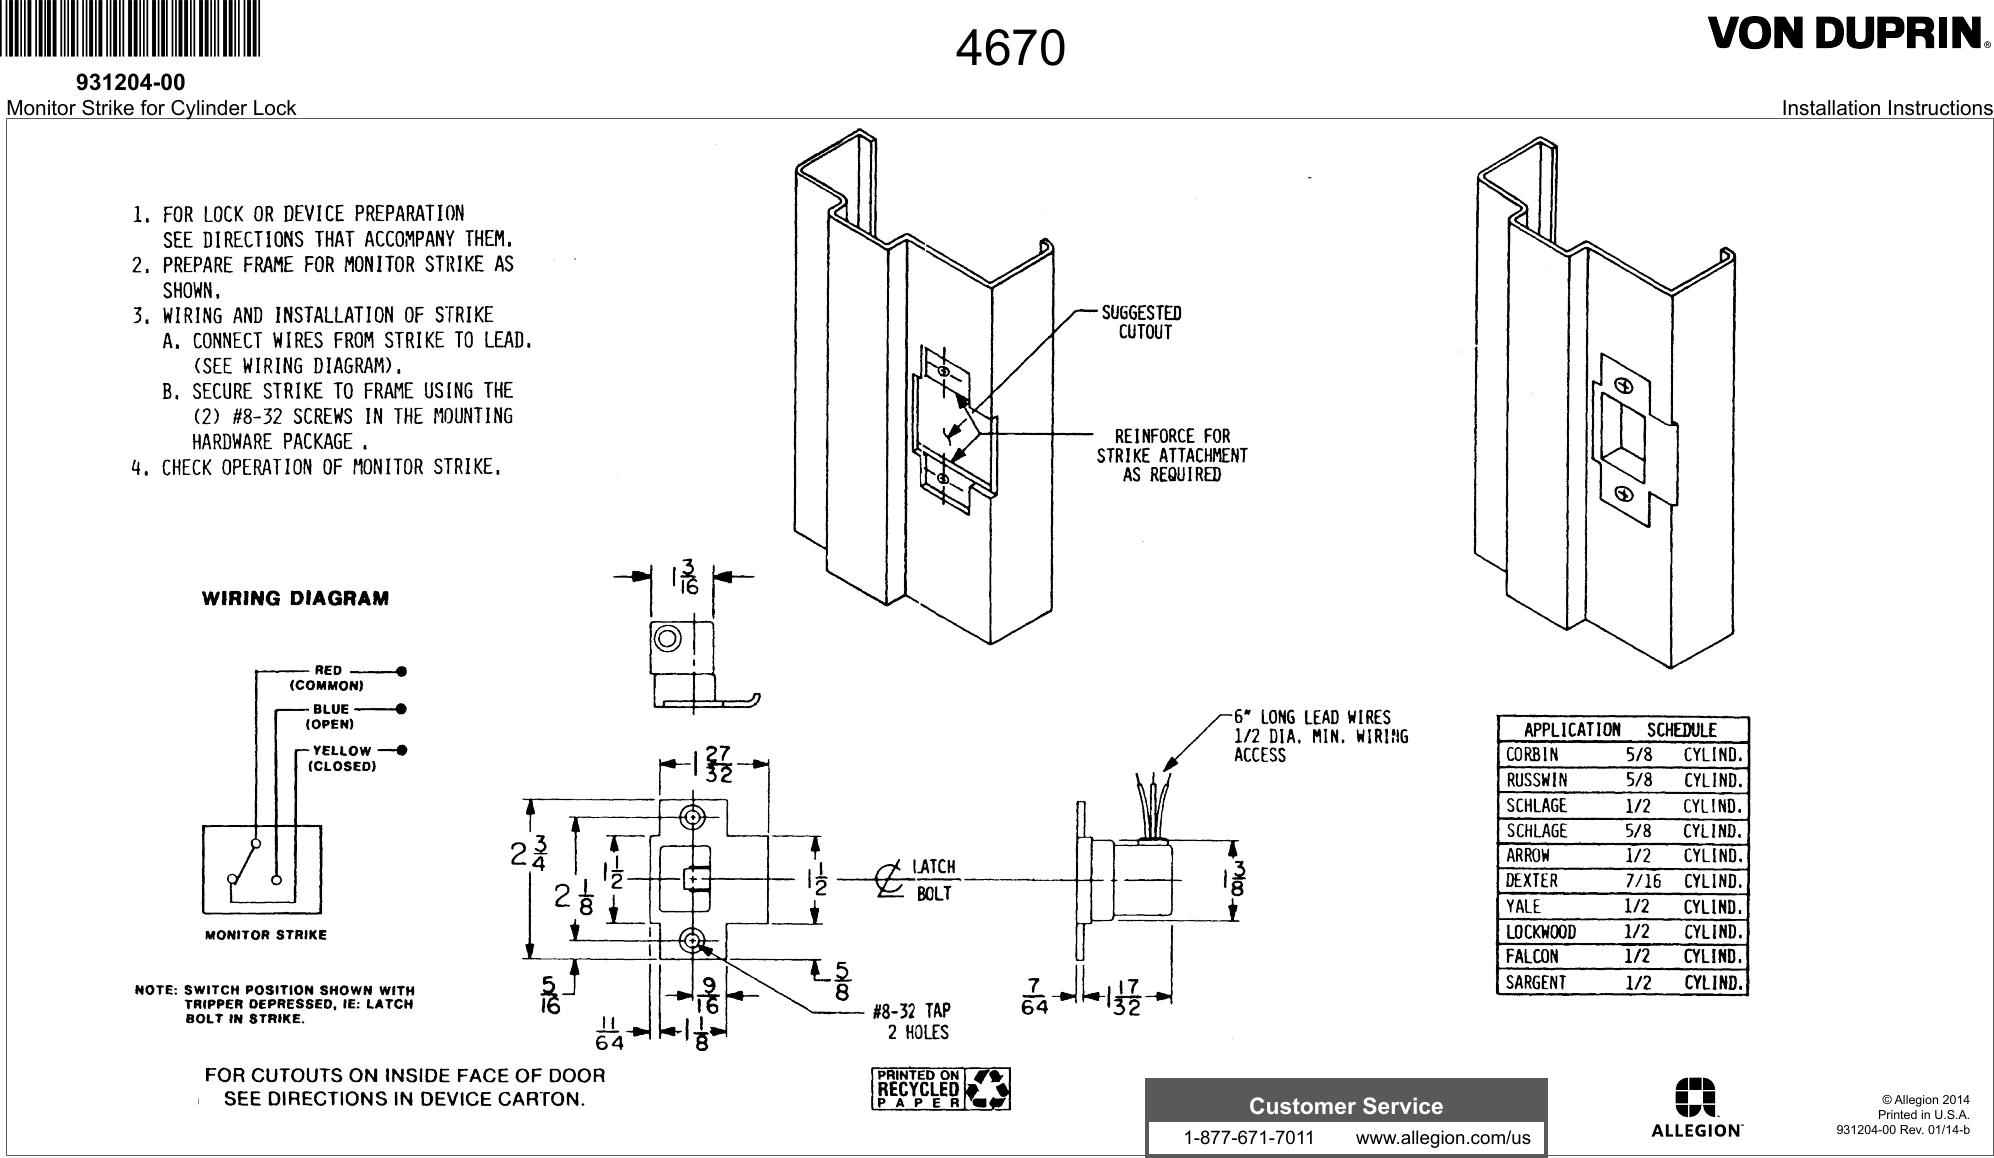 von duprin ps873 wiring diagram